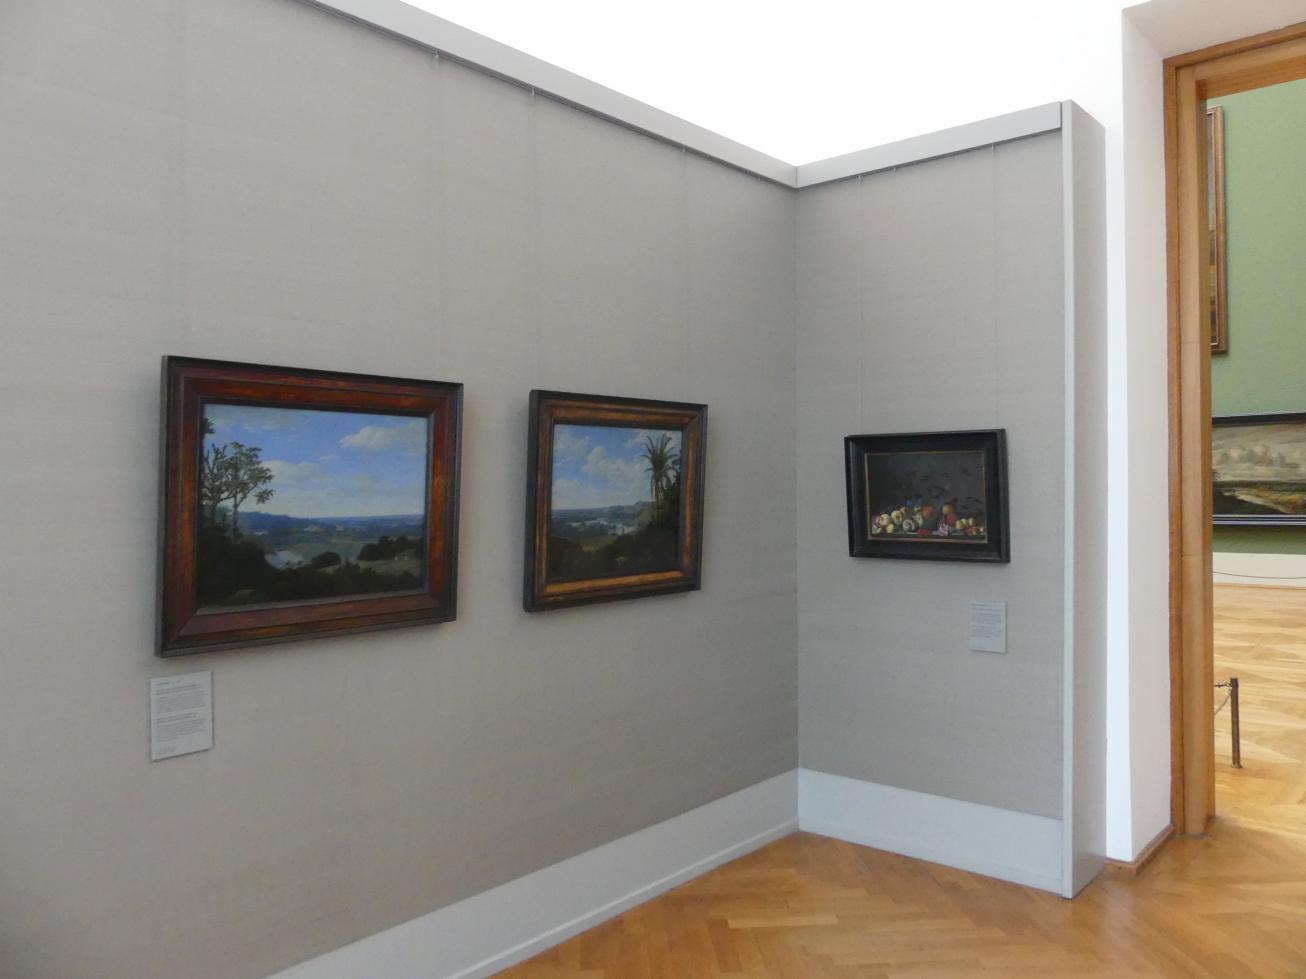 München, Alte Pinakothek, Obergeschoss Kabinett 19,20, Bild 2/2